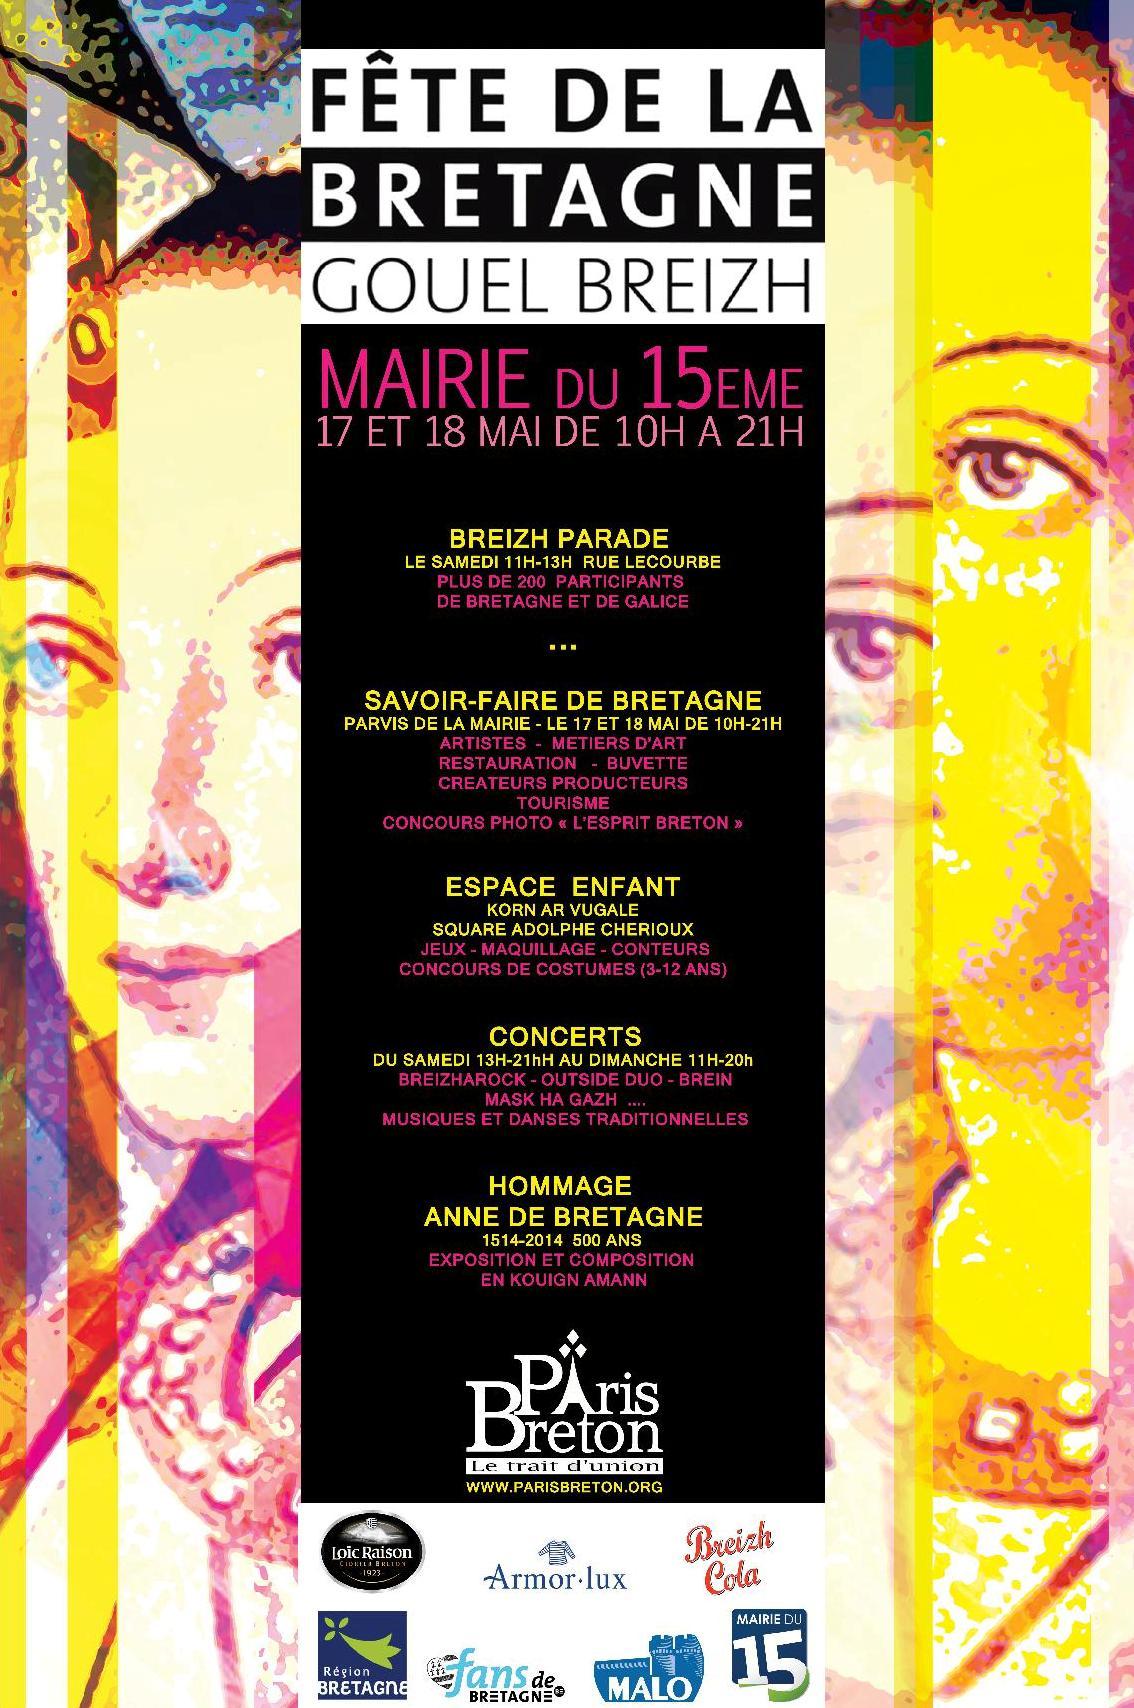 Affiche Festival fête de la Bretagne / Gouel Breizh à Paris